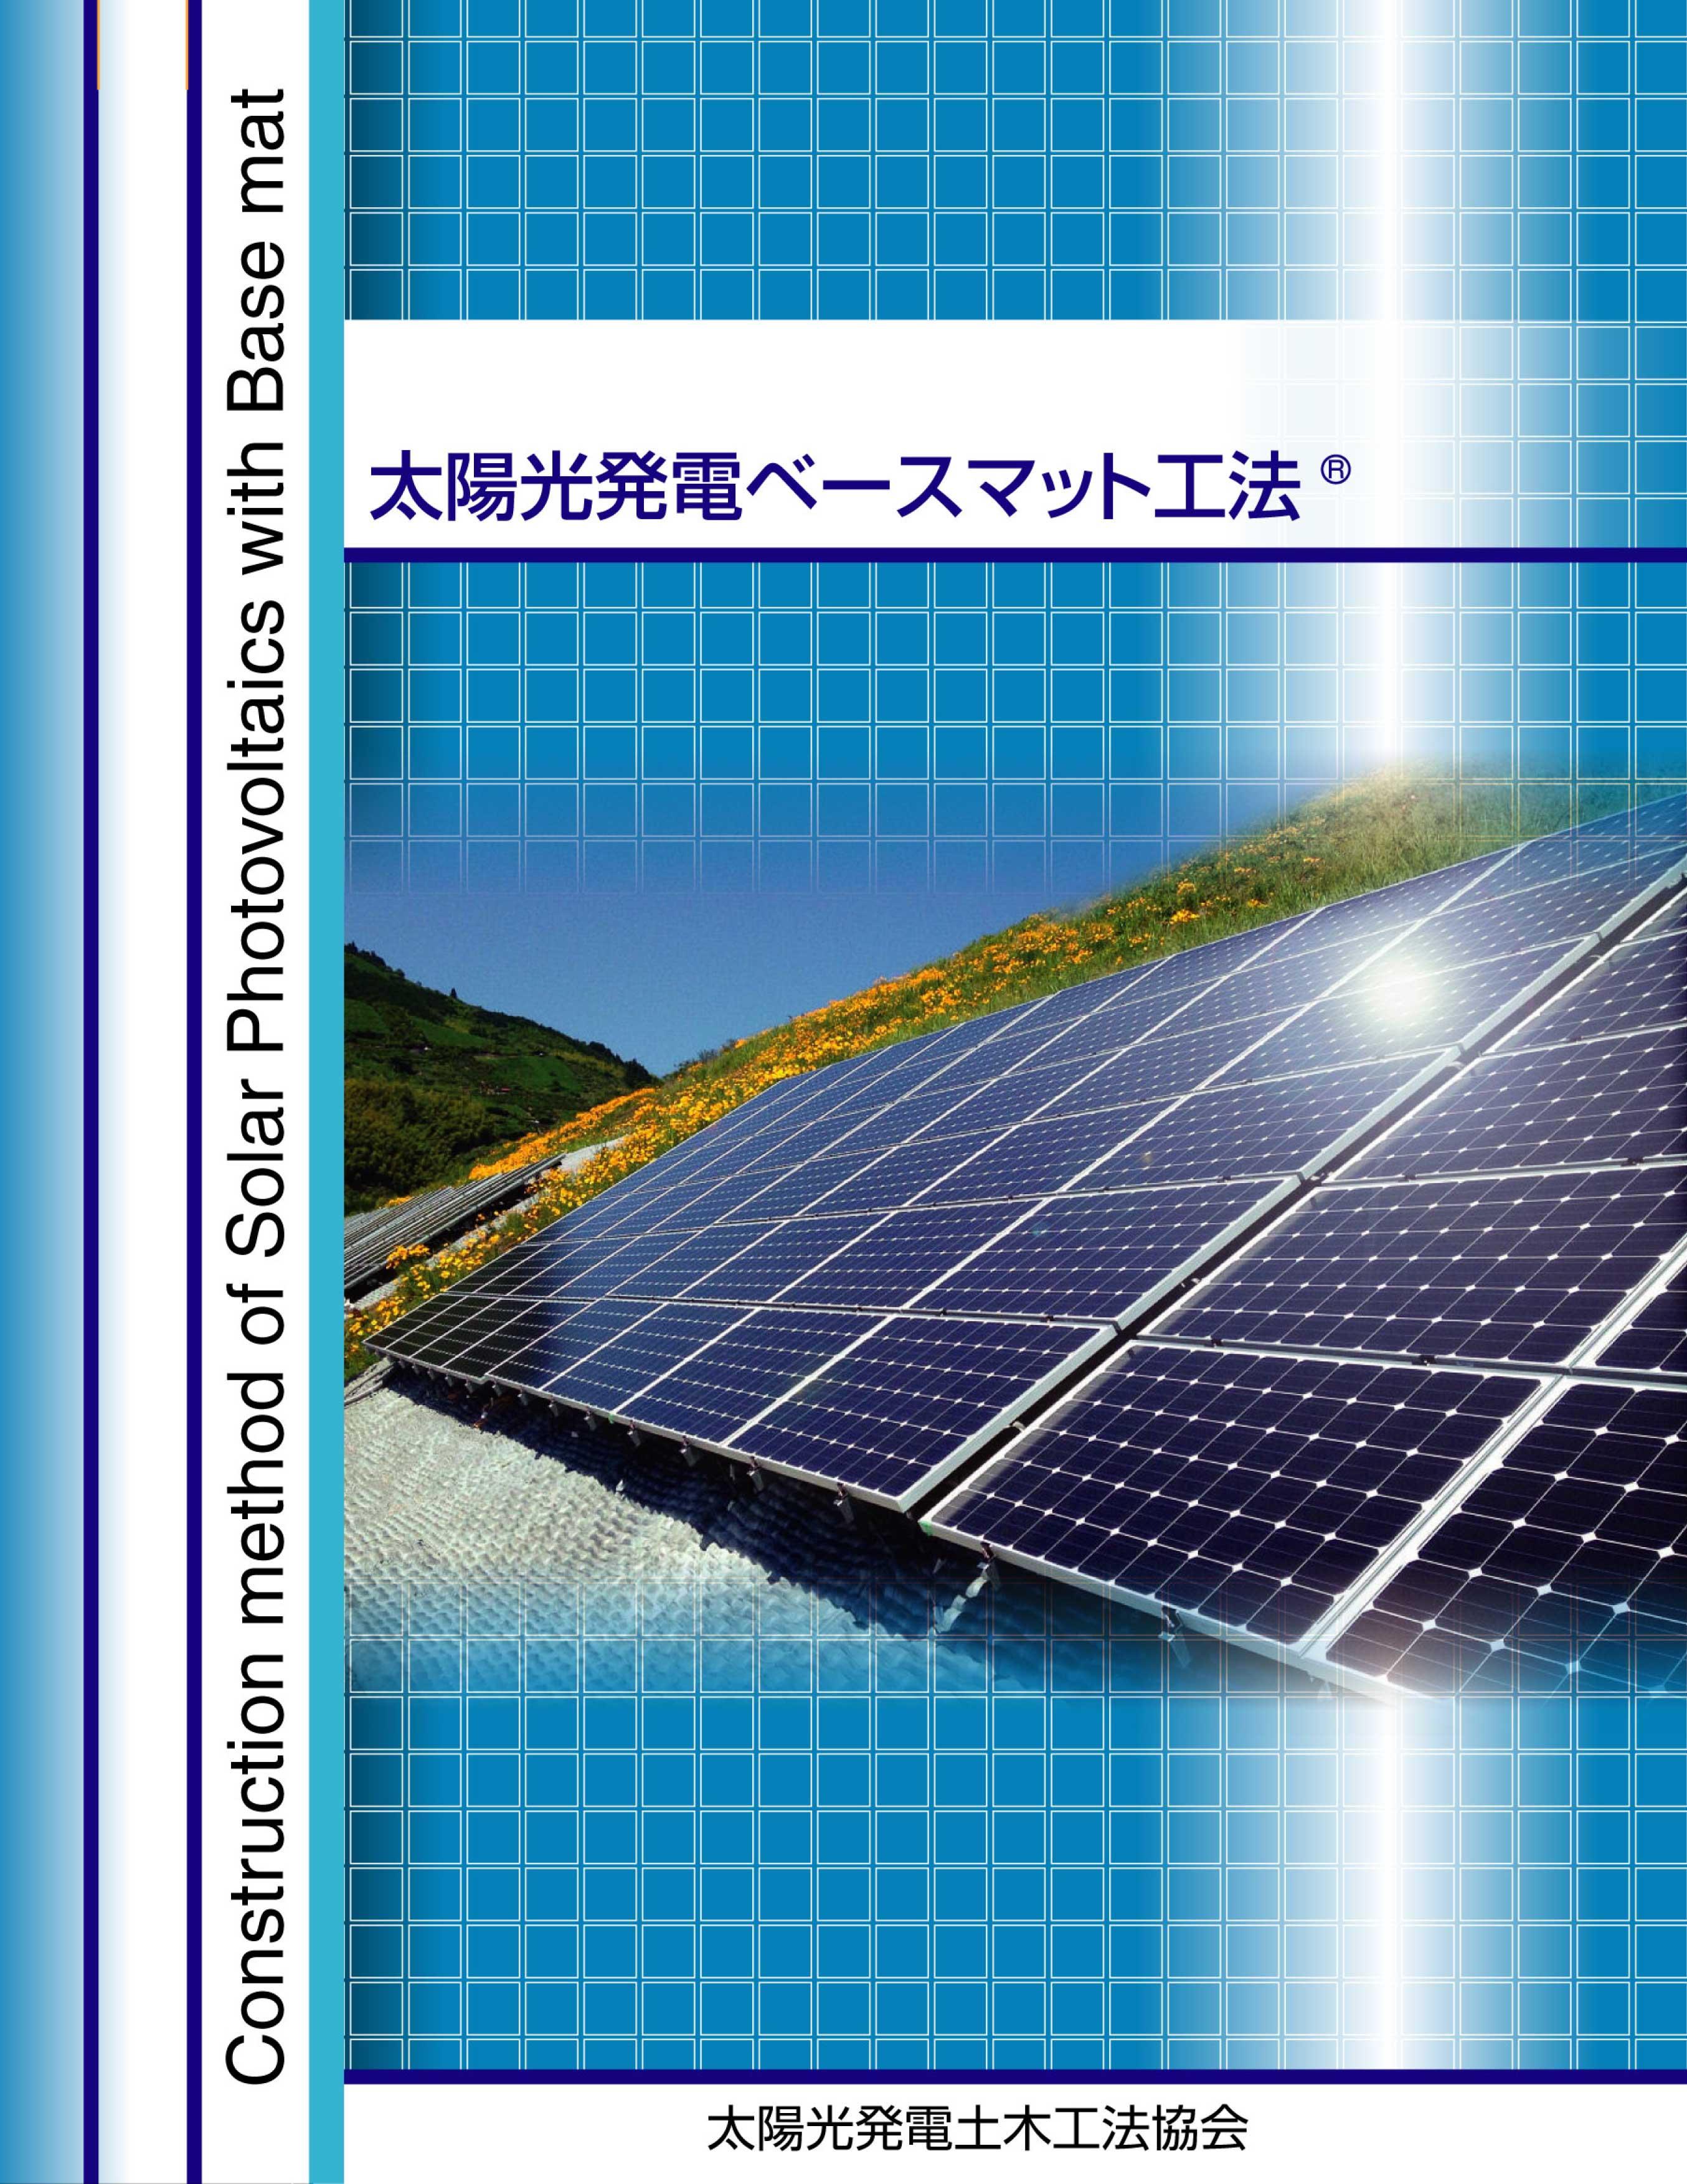 太陽光発電マット工法